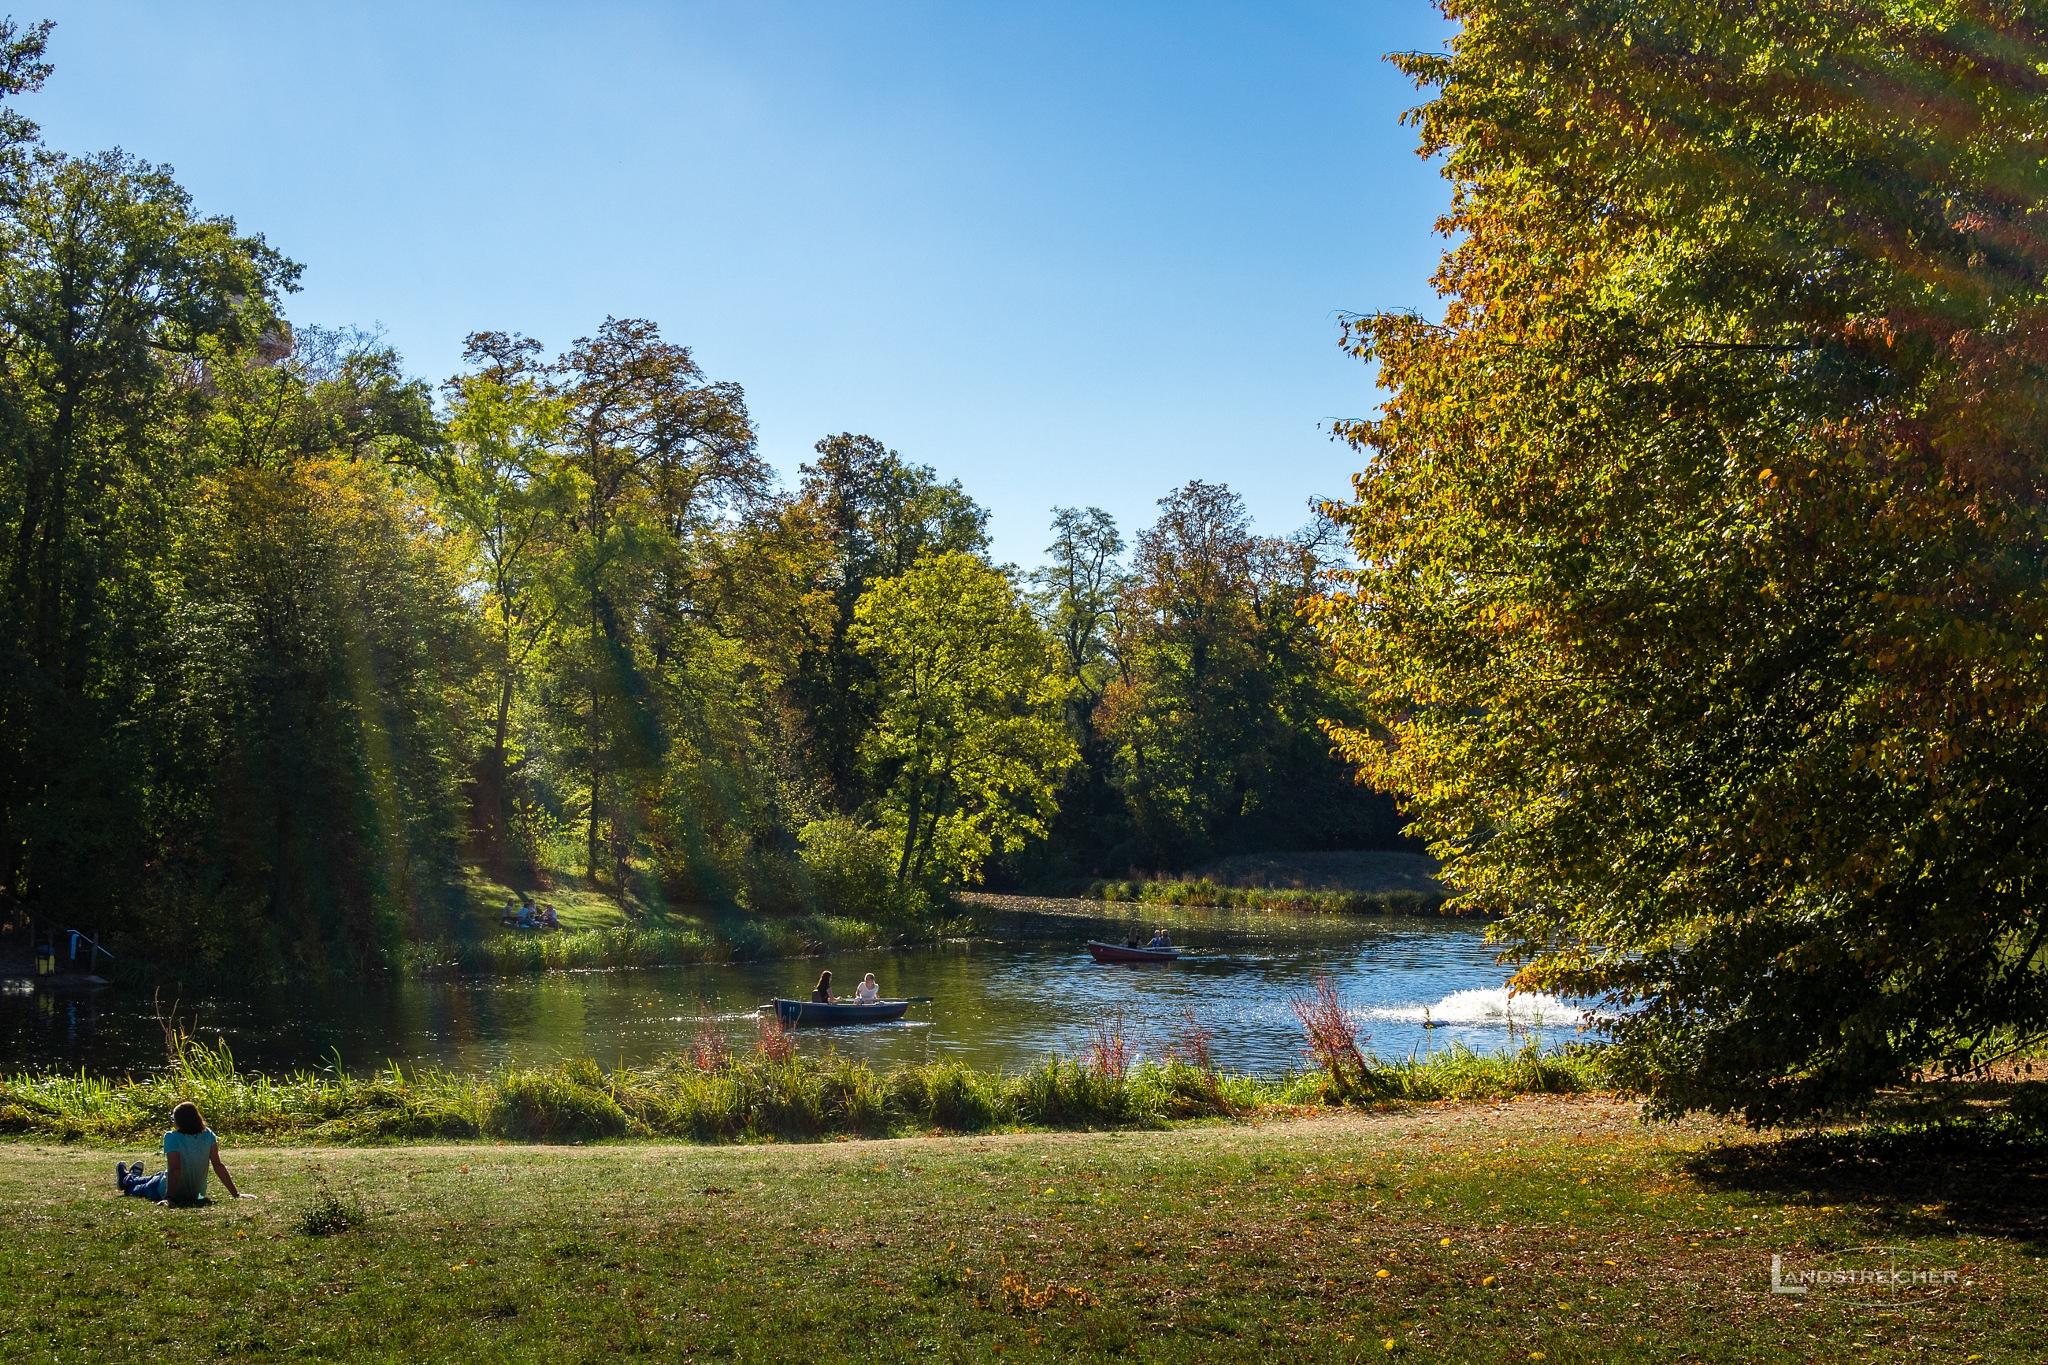 Boat Ride in Autumn by Landstreicher